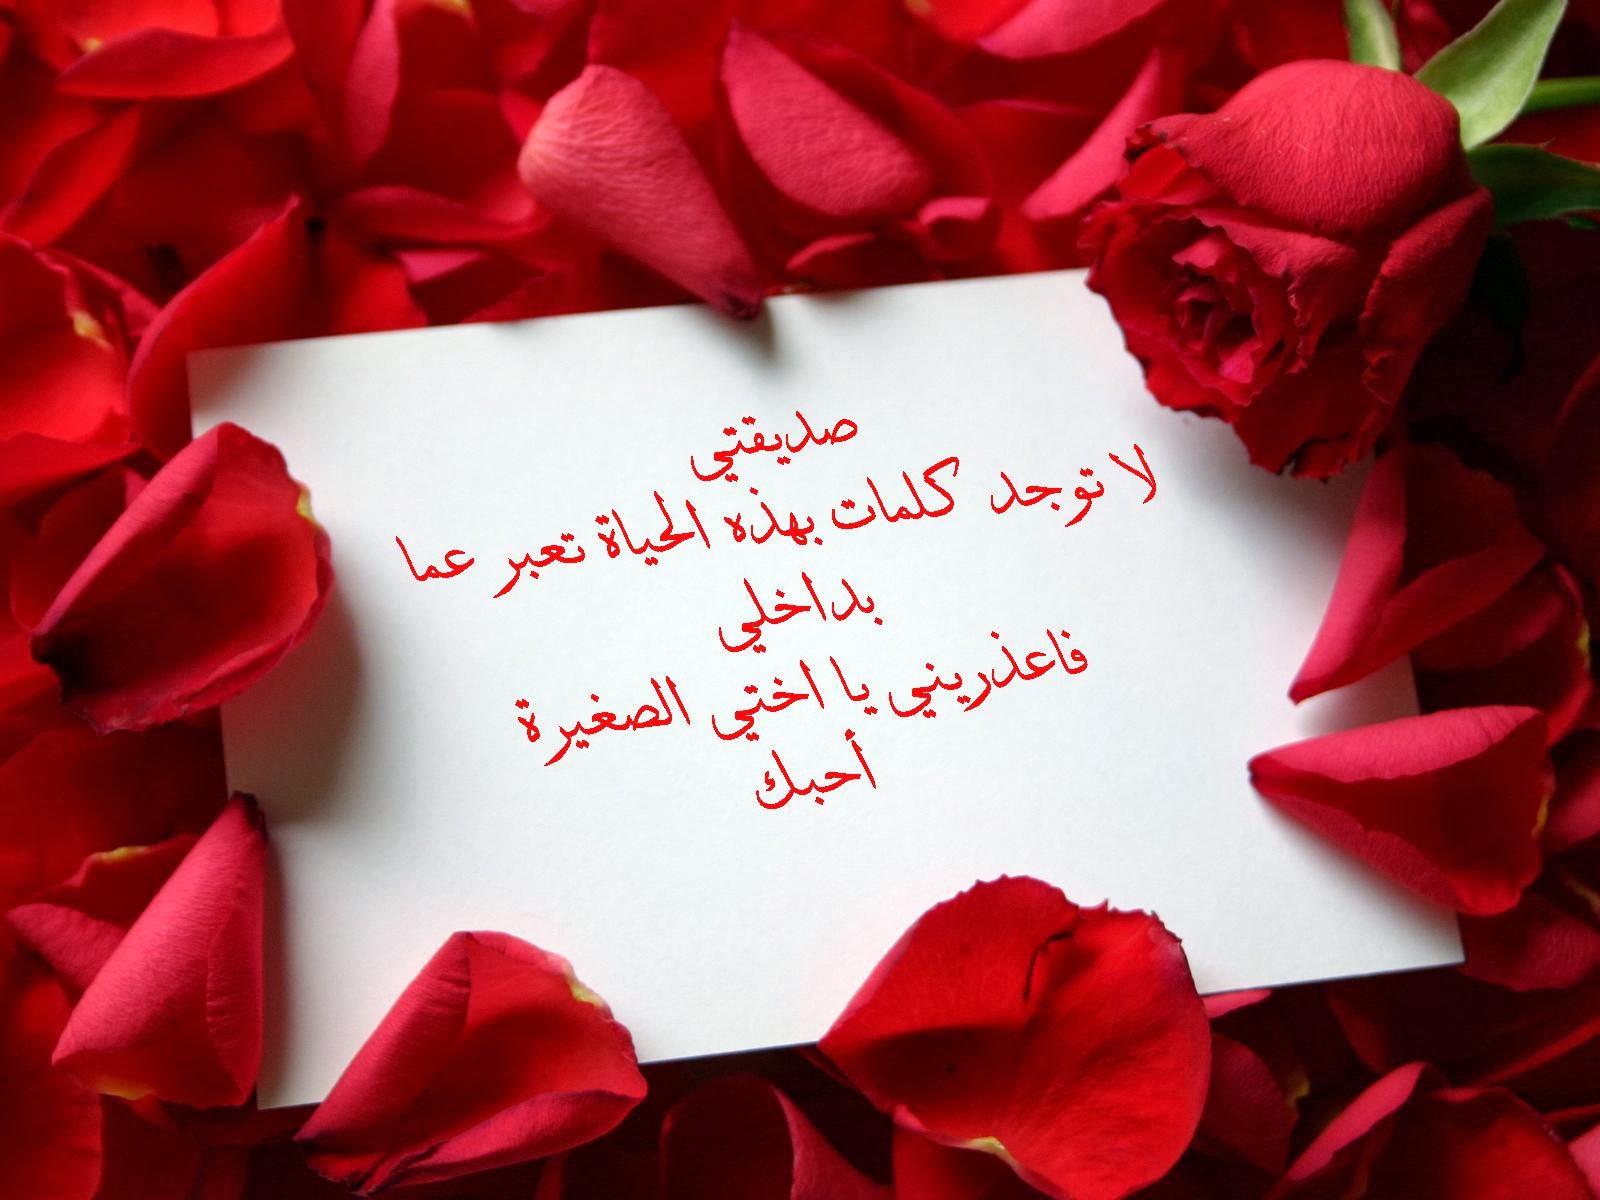 صورة عبارات حب وغرام , الاحبه وعبارات اصدق للحب والغرام 2075 4